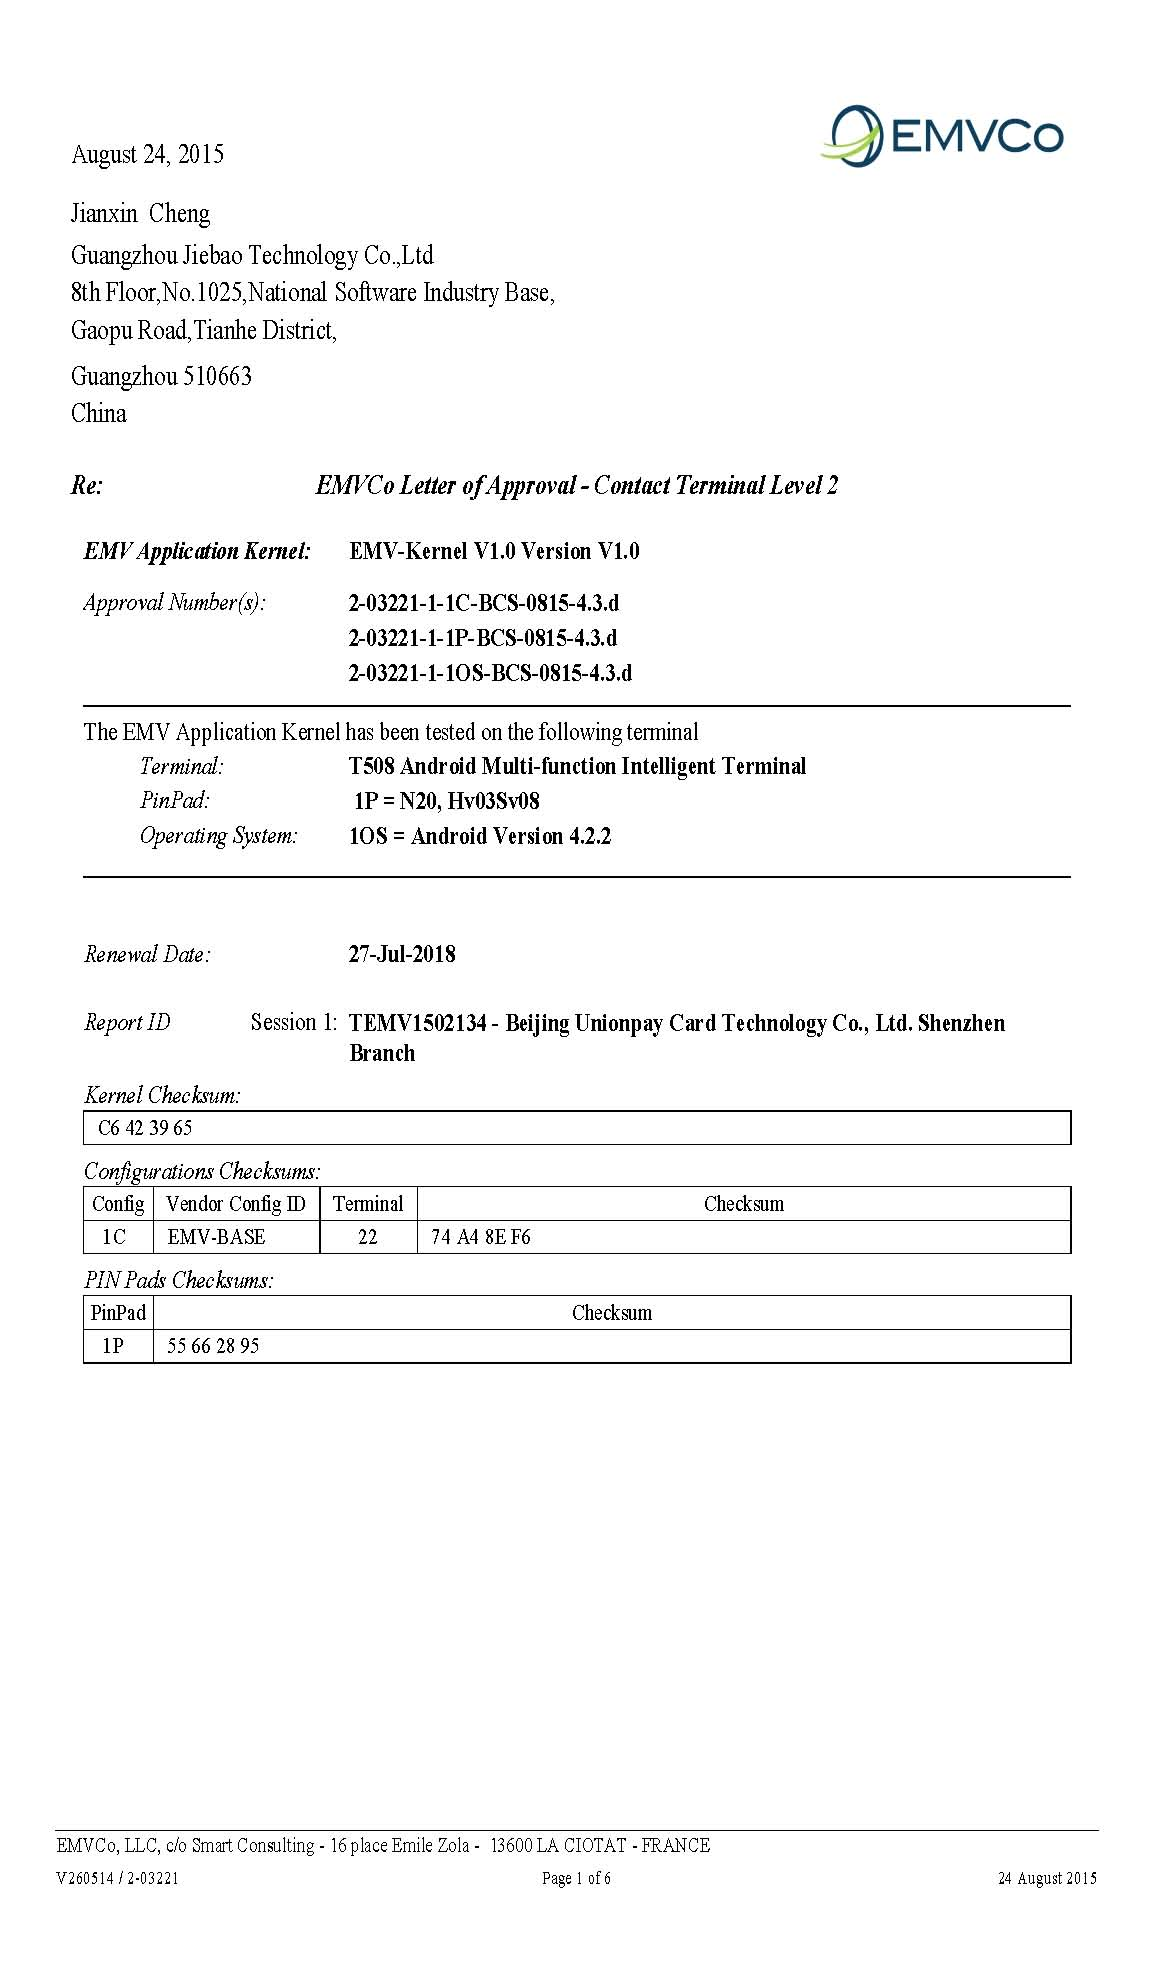 EMV Certificate of T508